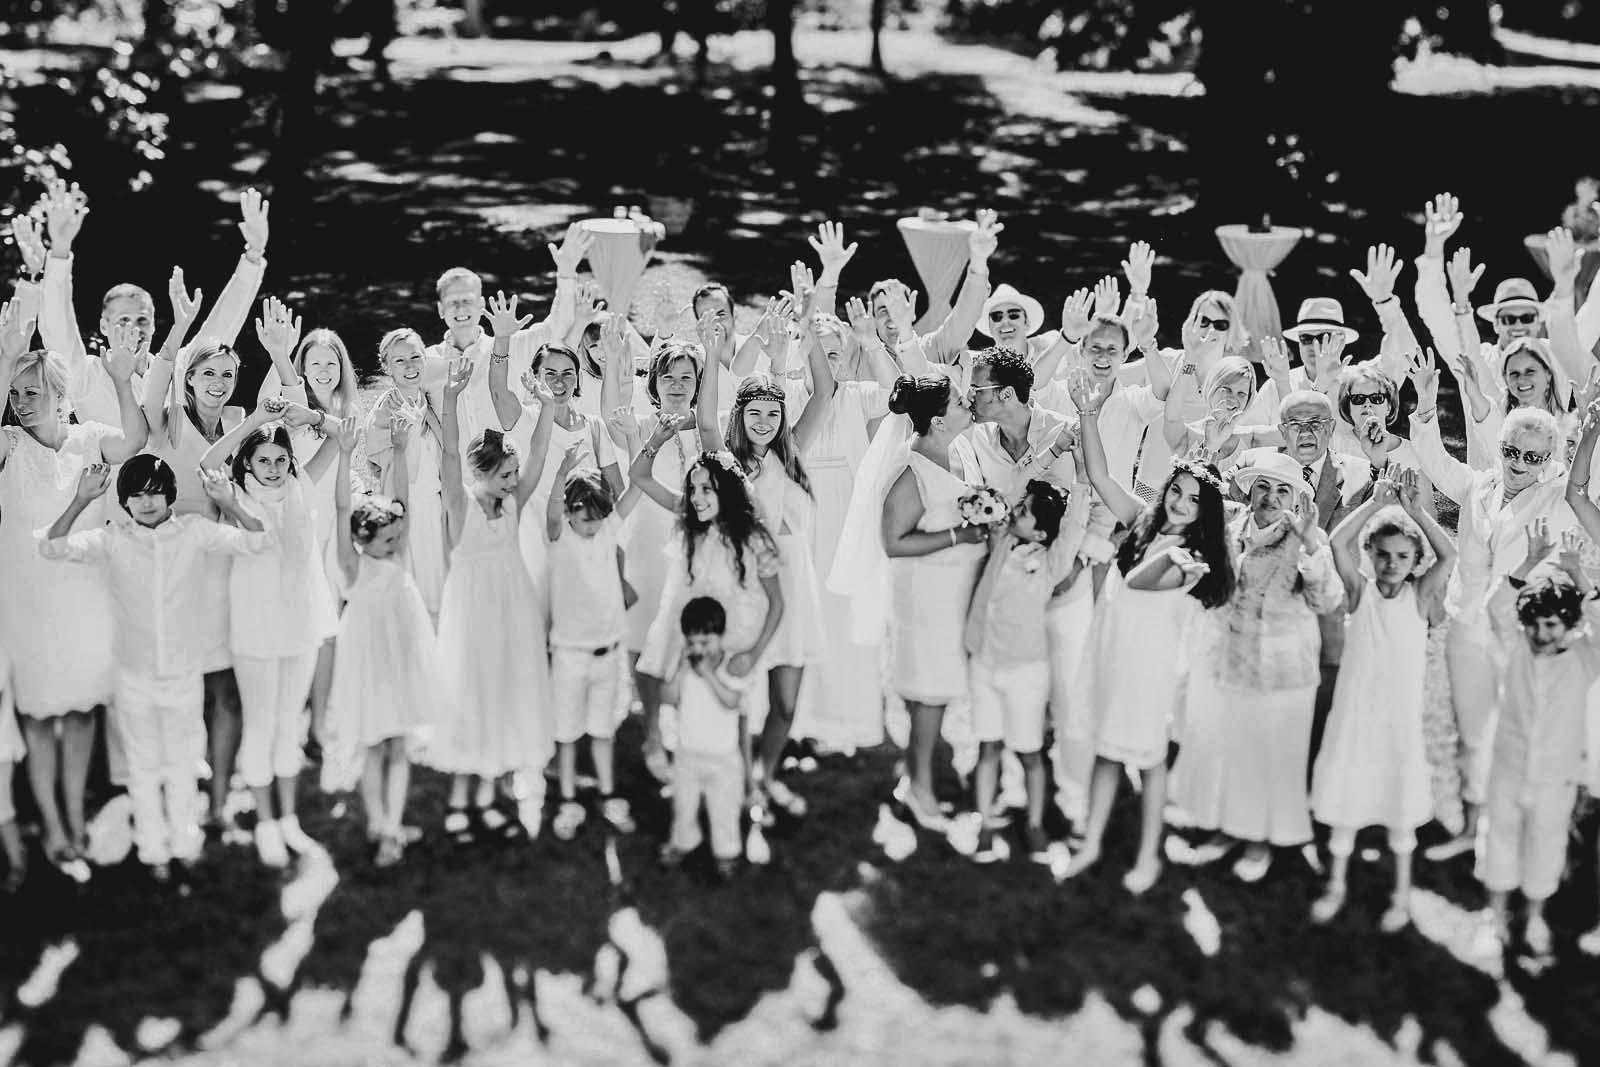 Dressed in White Gruppenfoto auf einer Hochzeit vom professionellem Fotograf Copyright by Hochzeitsfotograf www.berliner-hochzeitsfotografie.de